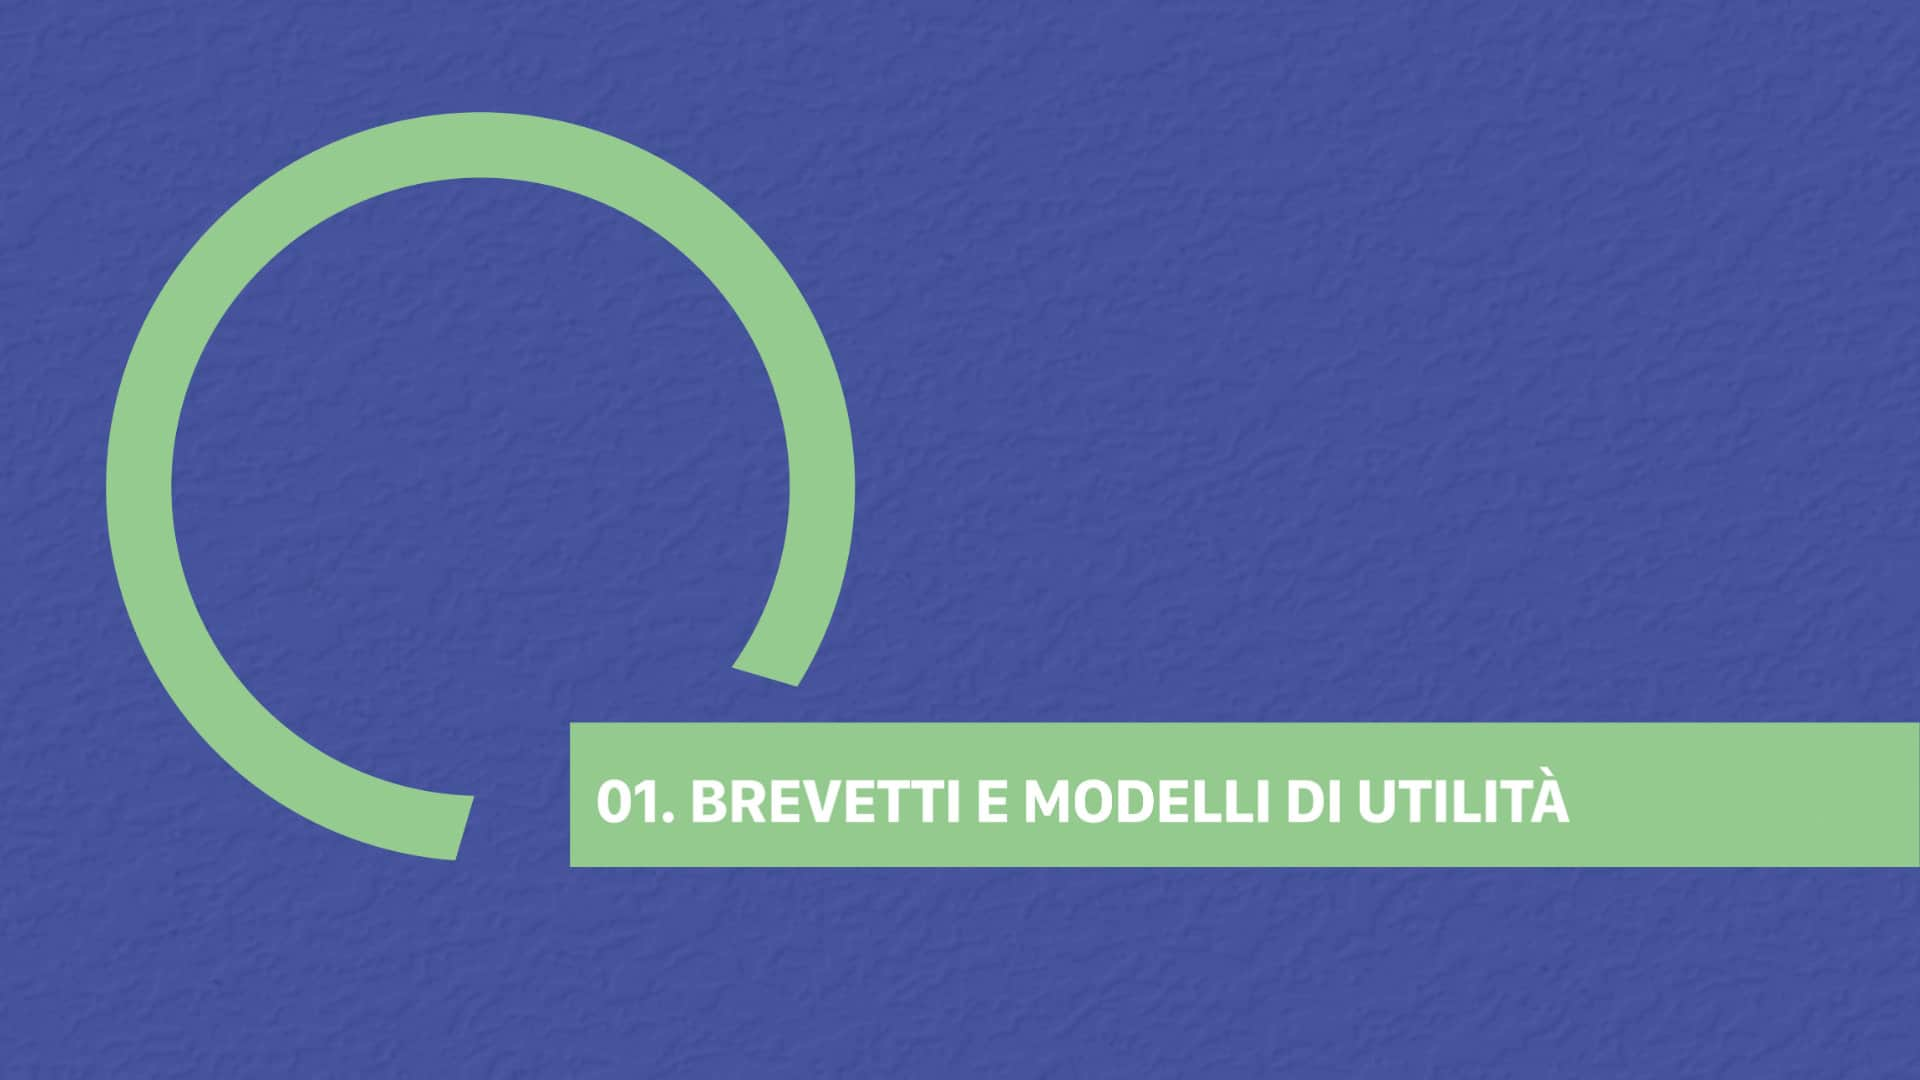 01. BREVETTI E MODELLI DI UTILITÀ